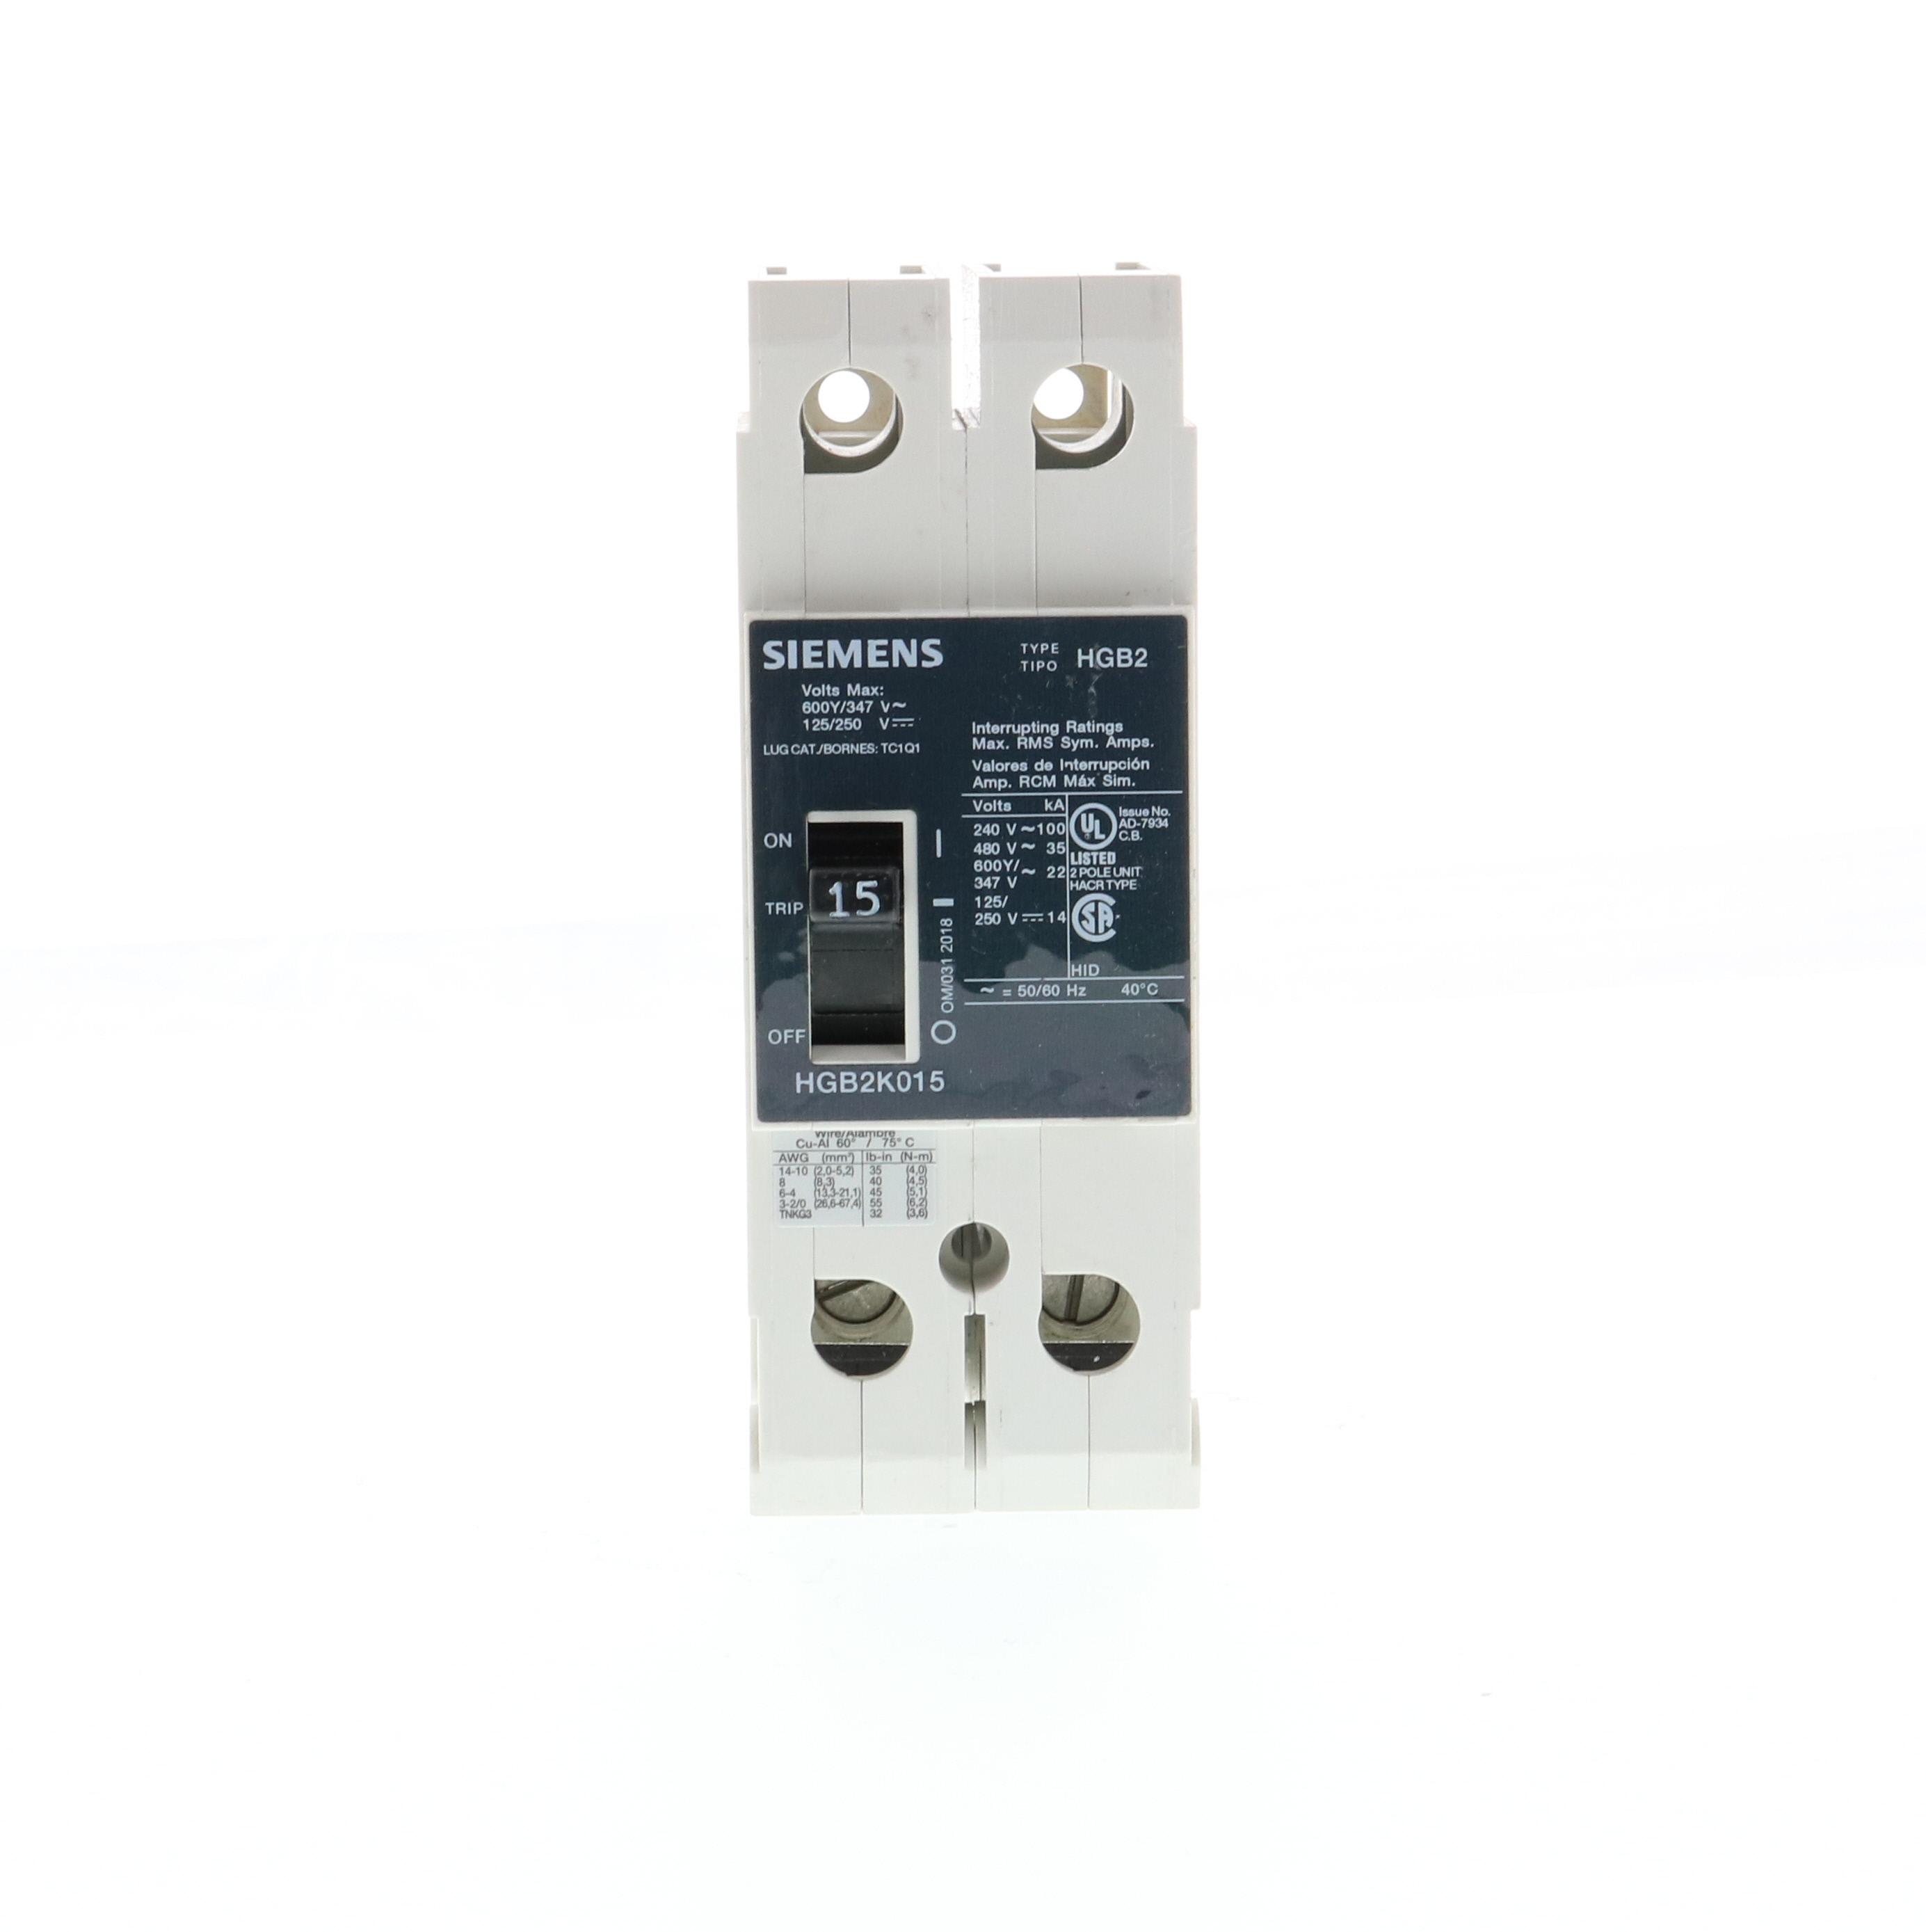 Siemens Ca HGB2K015B HGB2 MCCB, 600